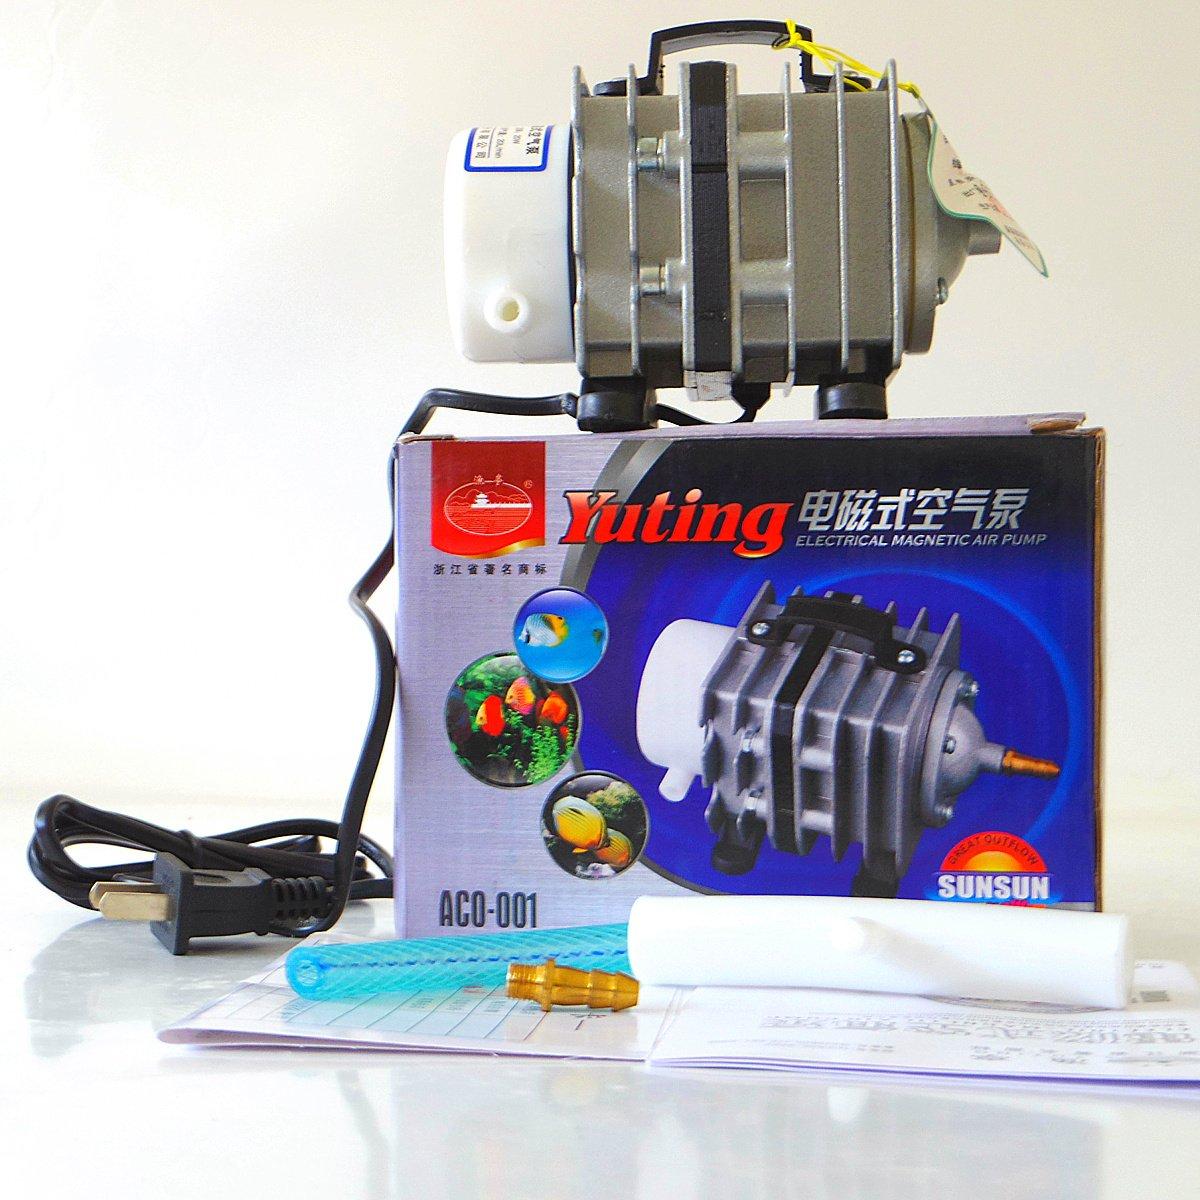 森森鱼亭大功率鱼缸鱼池电磁式空气泵氧气泵充氧泵增氧泵aco001用于